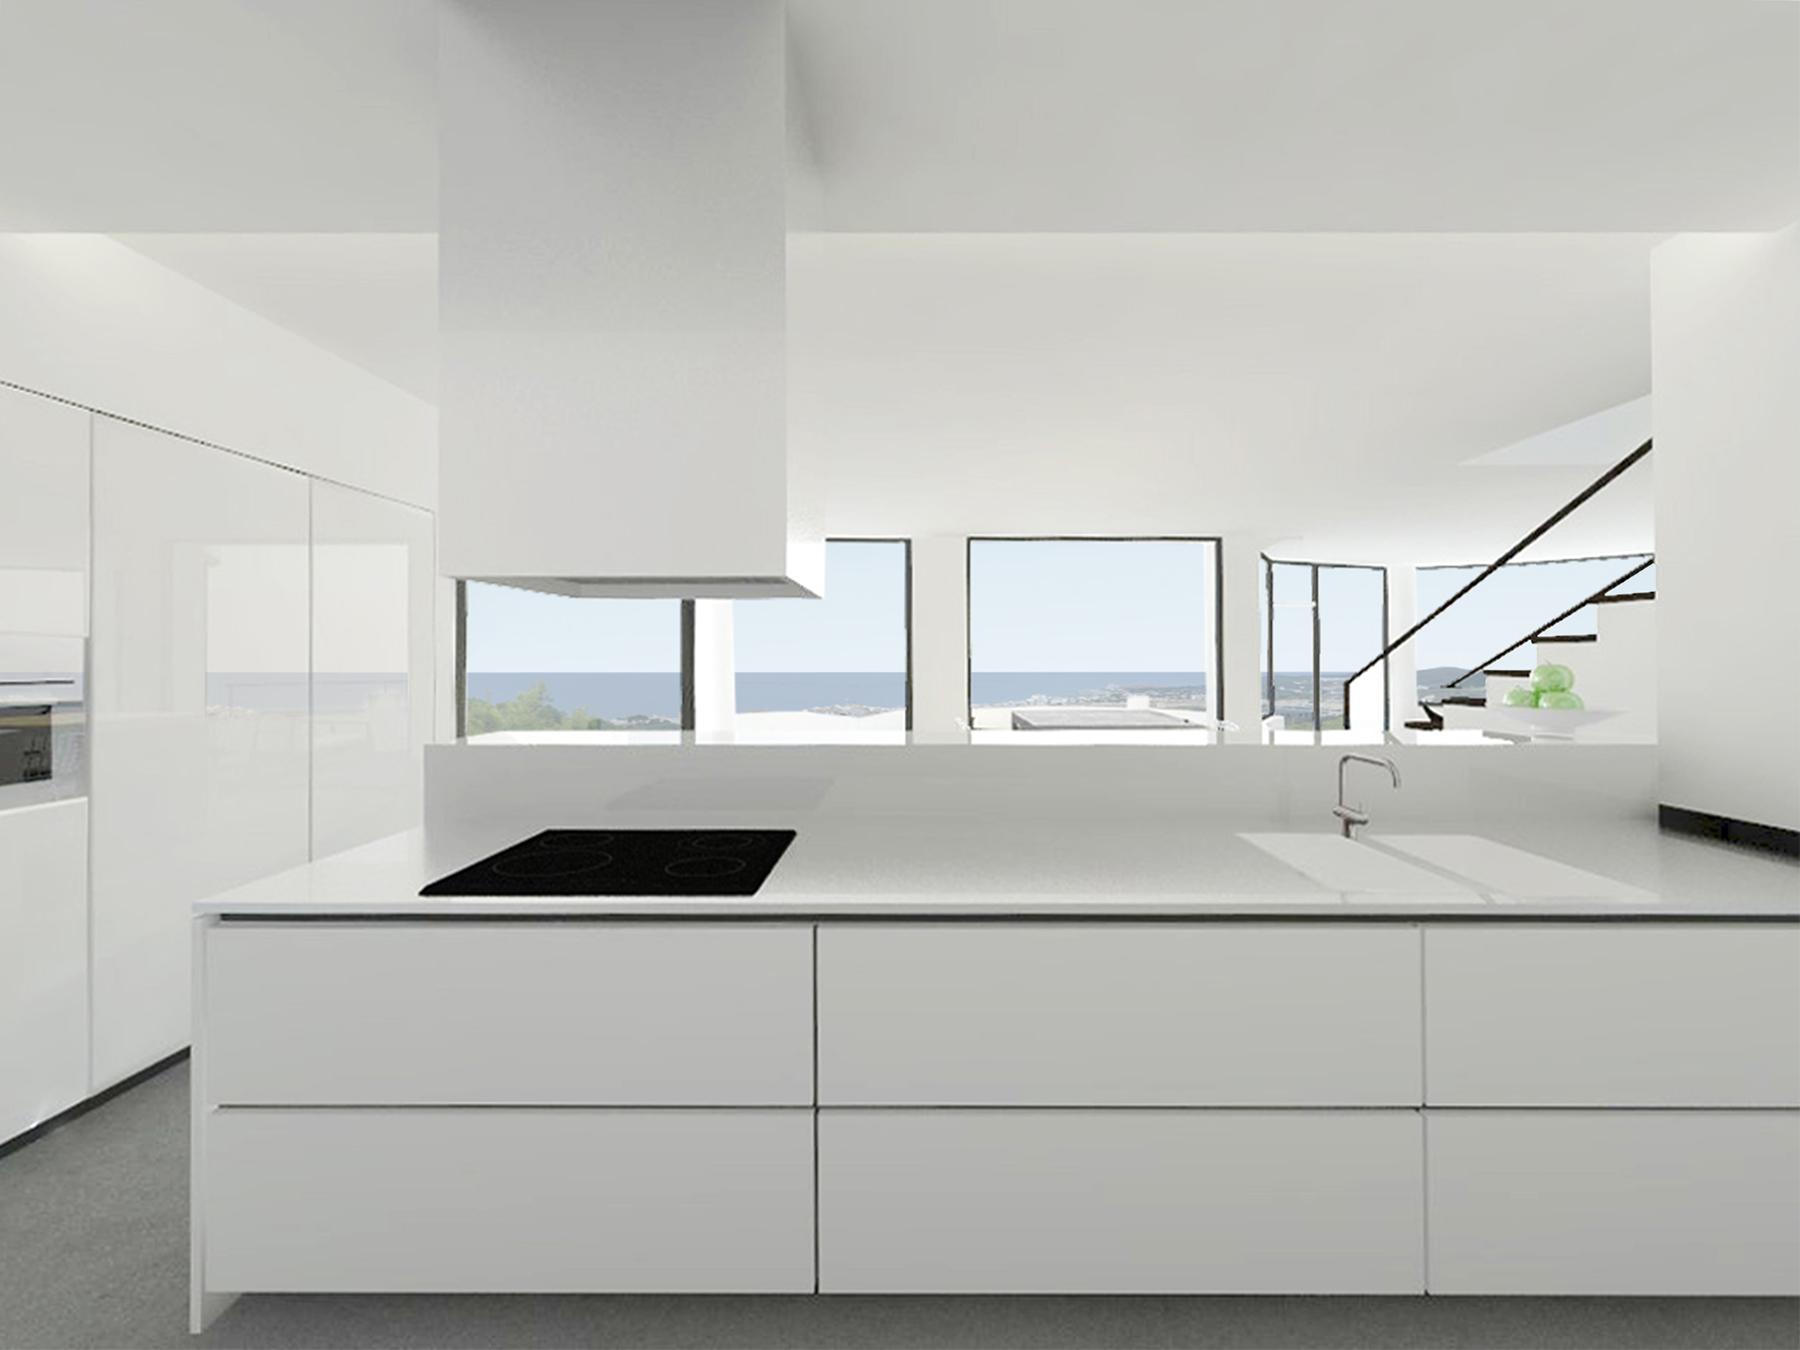 Arquitectura y dise o de interiores en barcelona y sitges for Diseno interiores barcelona